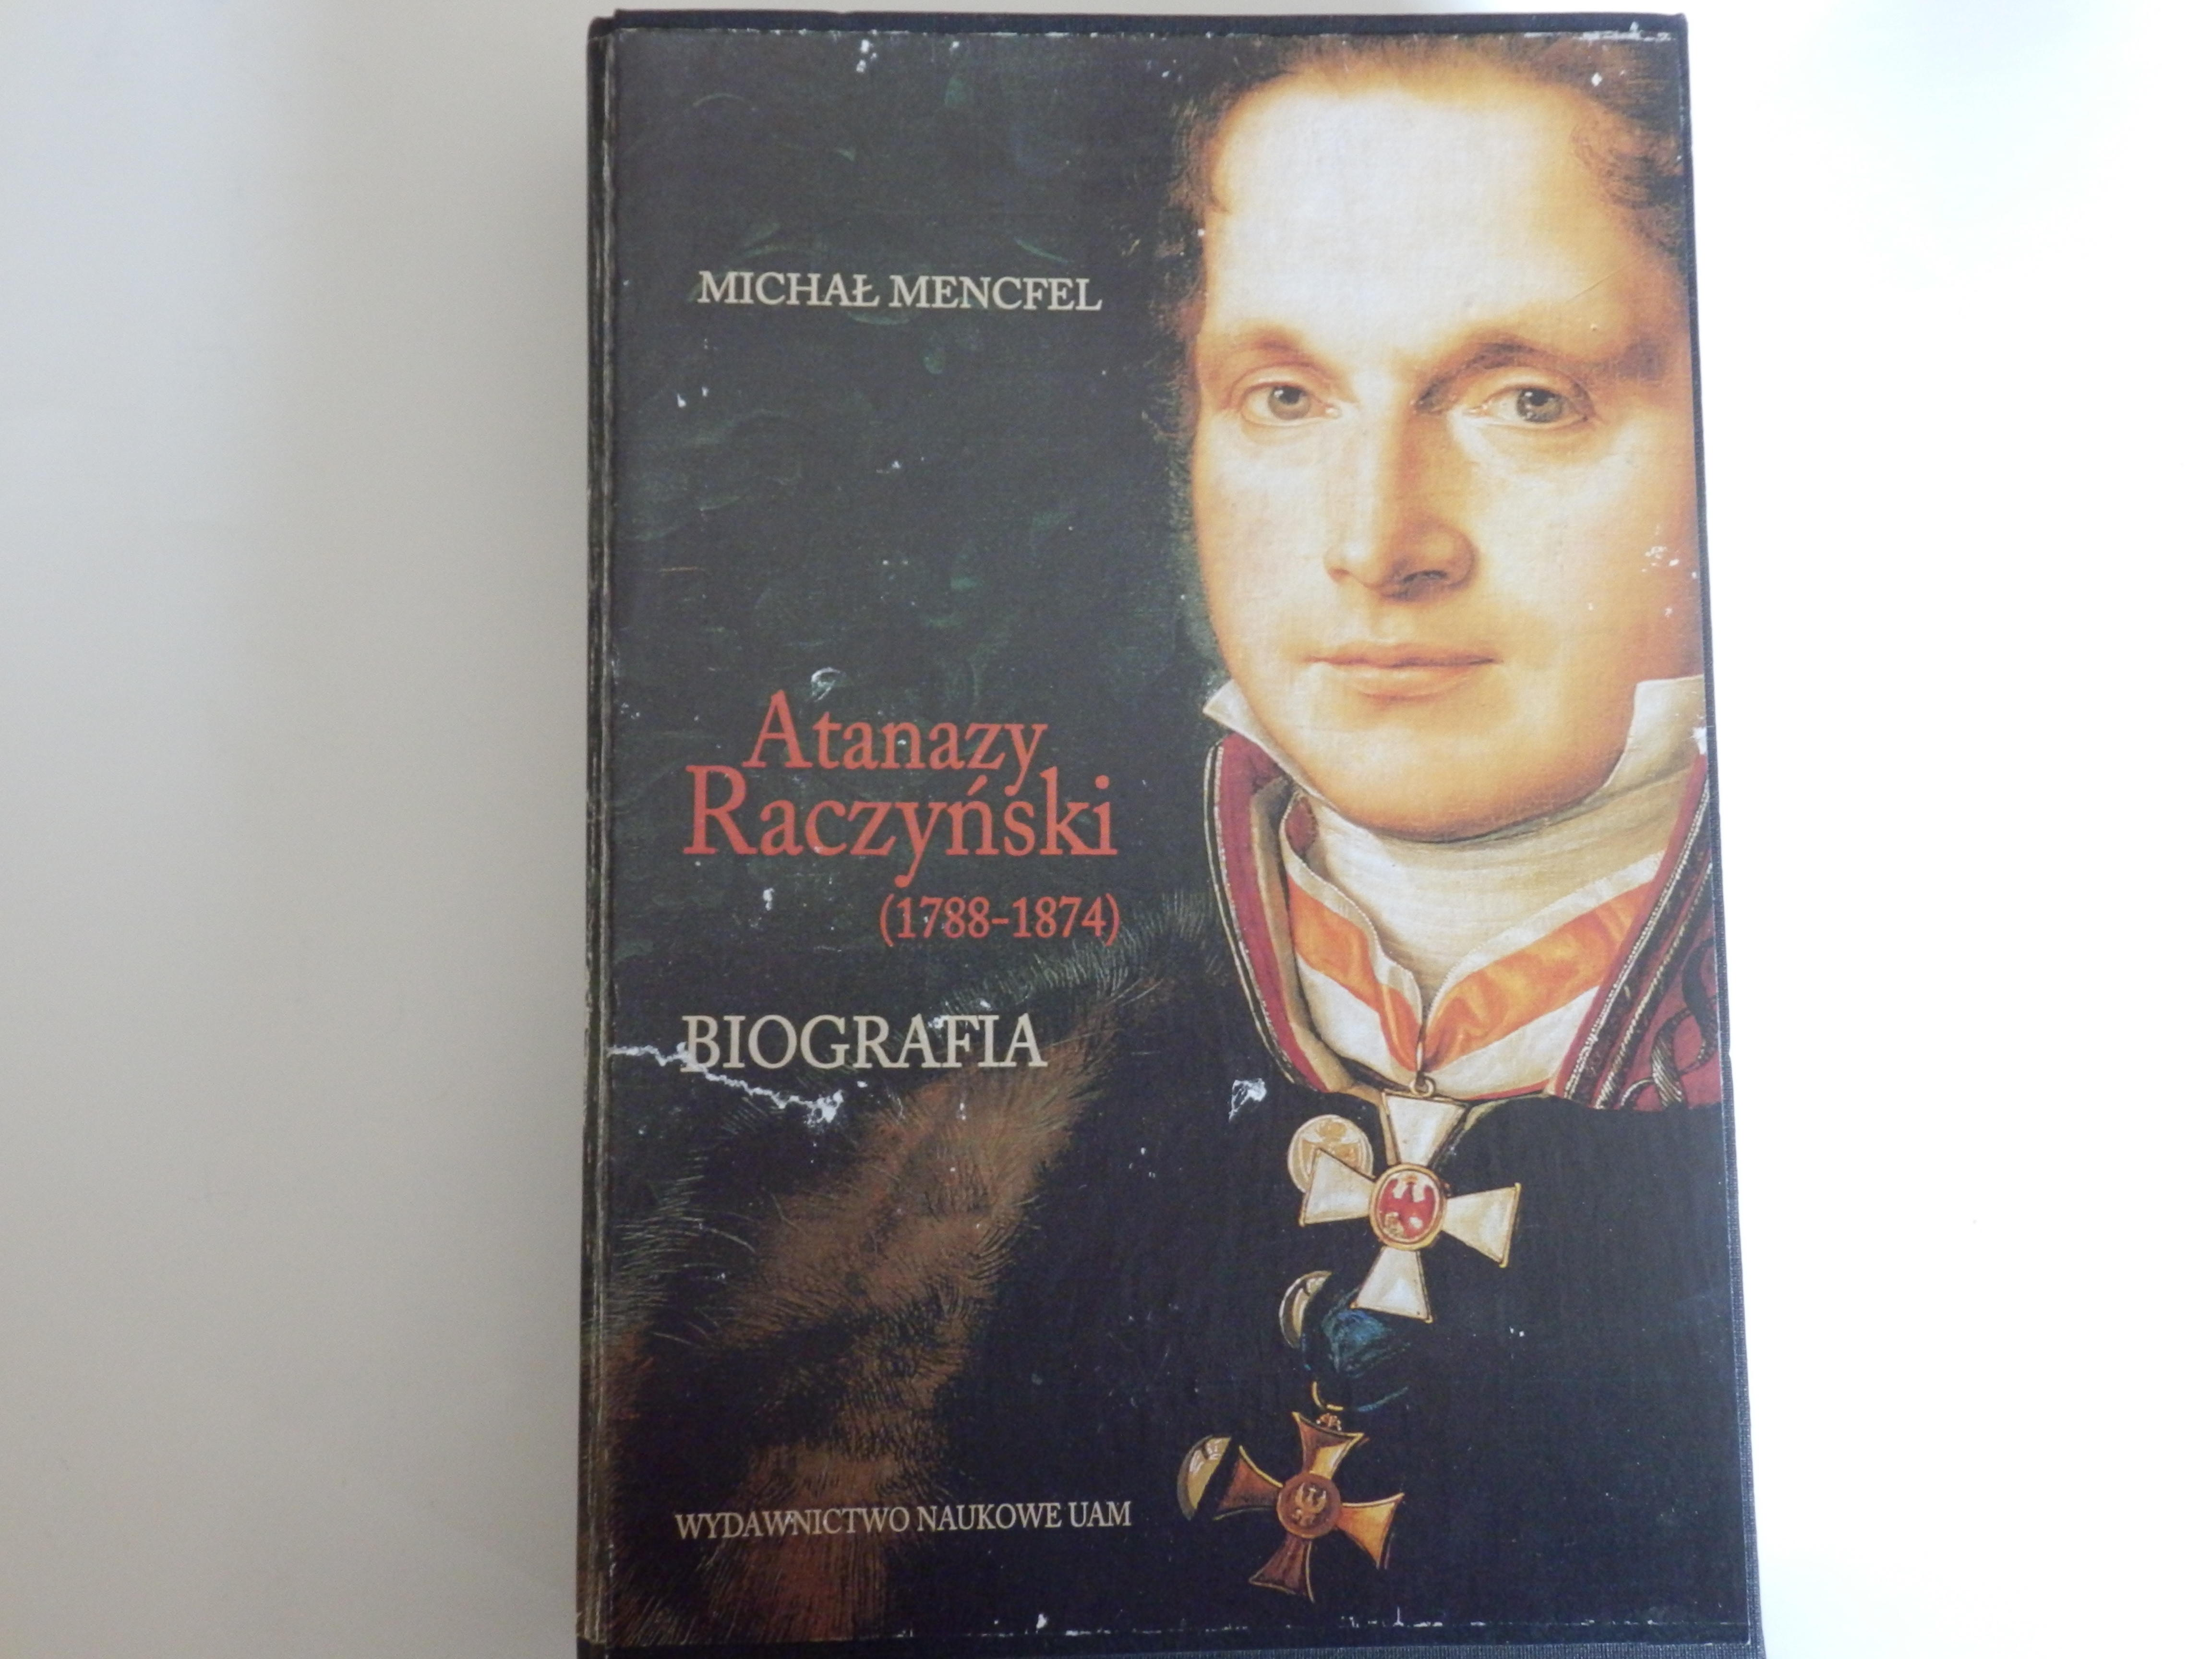 Subtelna biografia hrabiego-zdrajcy